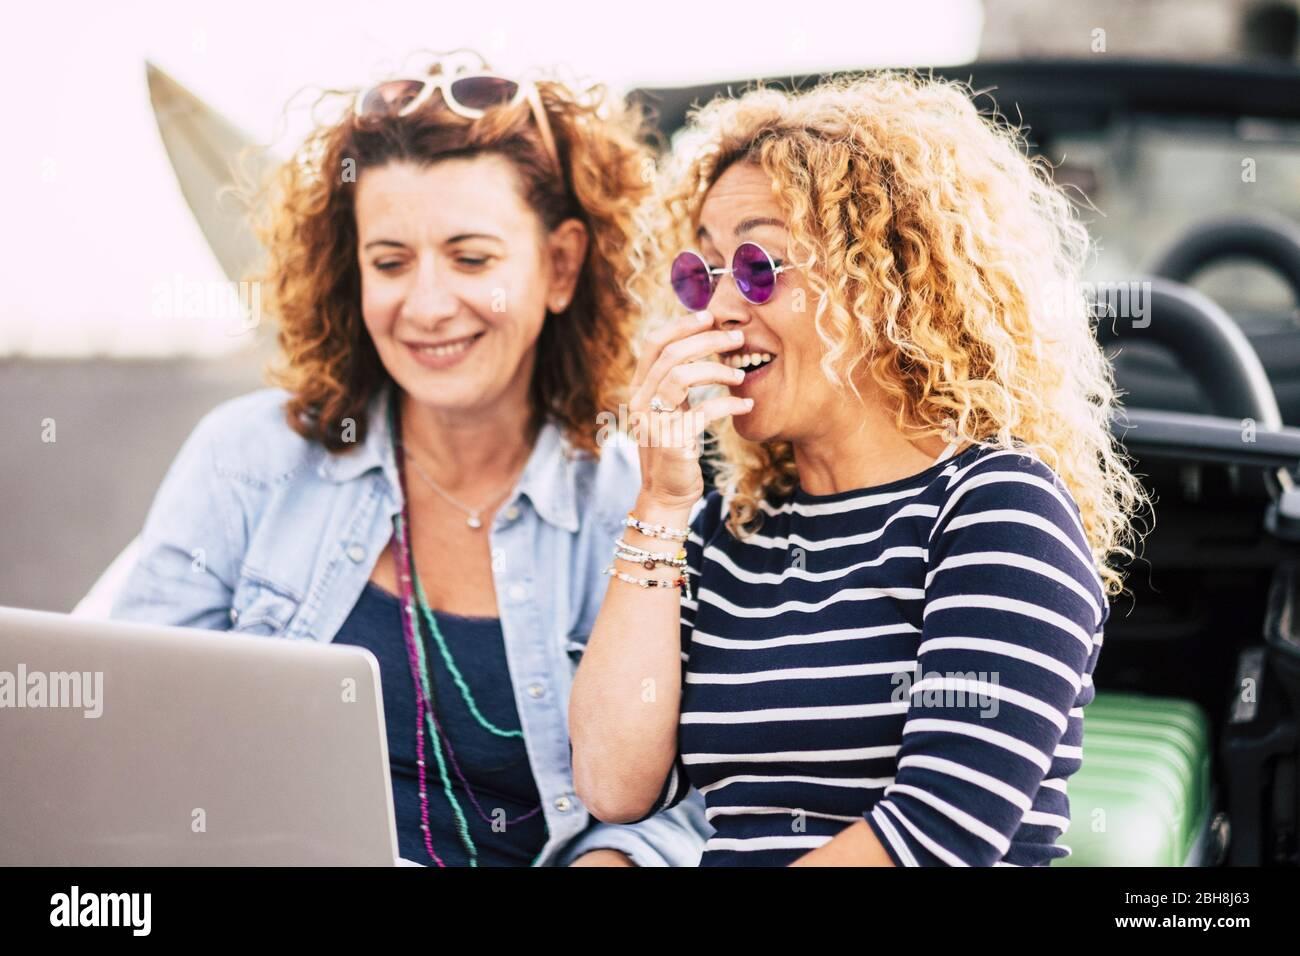 Un par de mujeres jóvenes rizado y hermosas se divierten riendo con un portátil al aire libre - concepto de gente y tecnogia - cosas divertidas para las mujeres bonitas - estilo de vida de risa y sonrisa Foto de stock